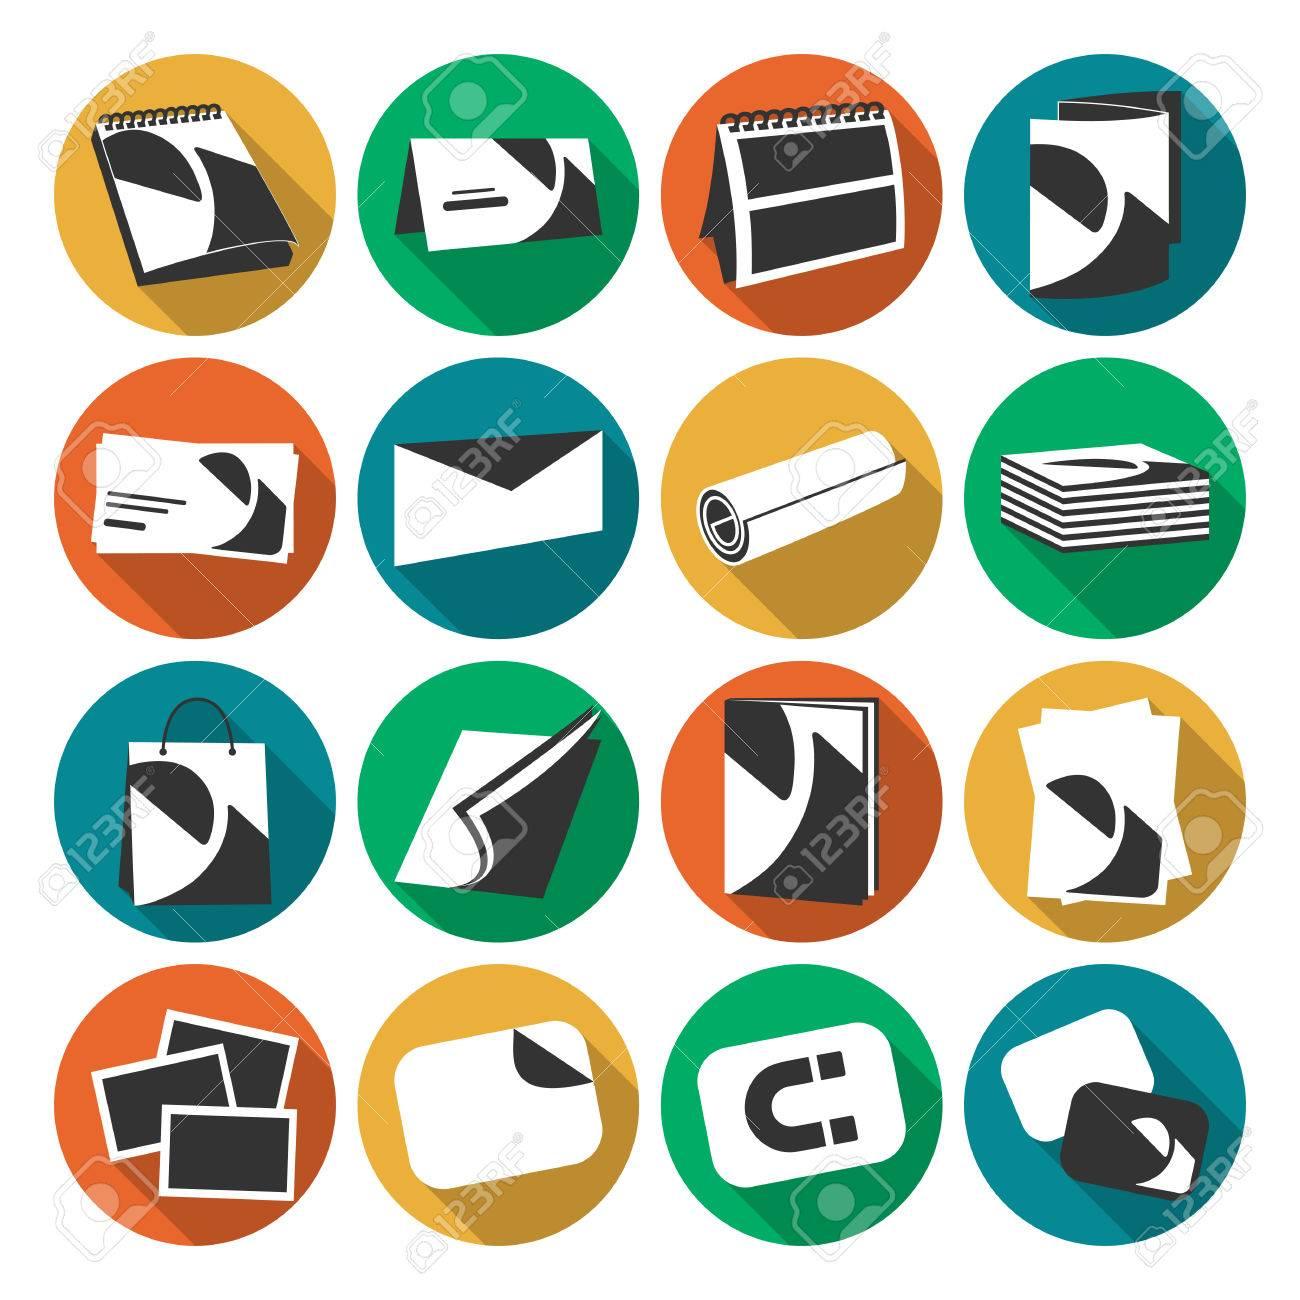 Impression Couleur Plat Maison Web Icones Dans Le Cercle Dombre